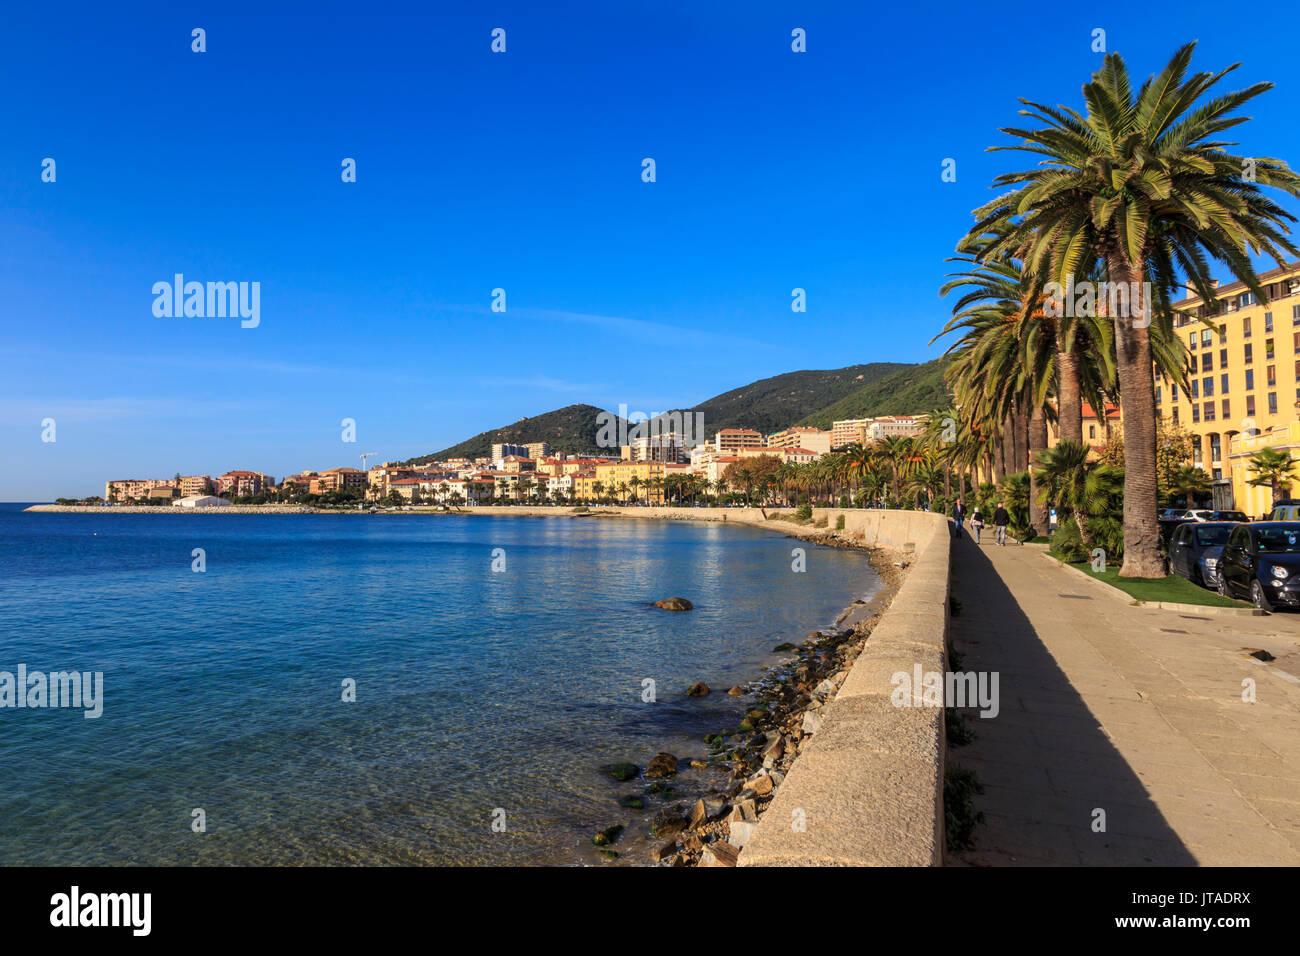 Saint Francois Beach promenade avec palmiers, lumière du matin, Ajaccio, Corse, Méditerranée, France, Méditerranée, Europe Photo Stock